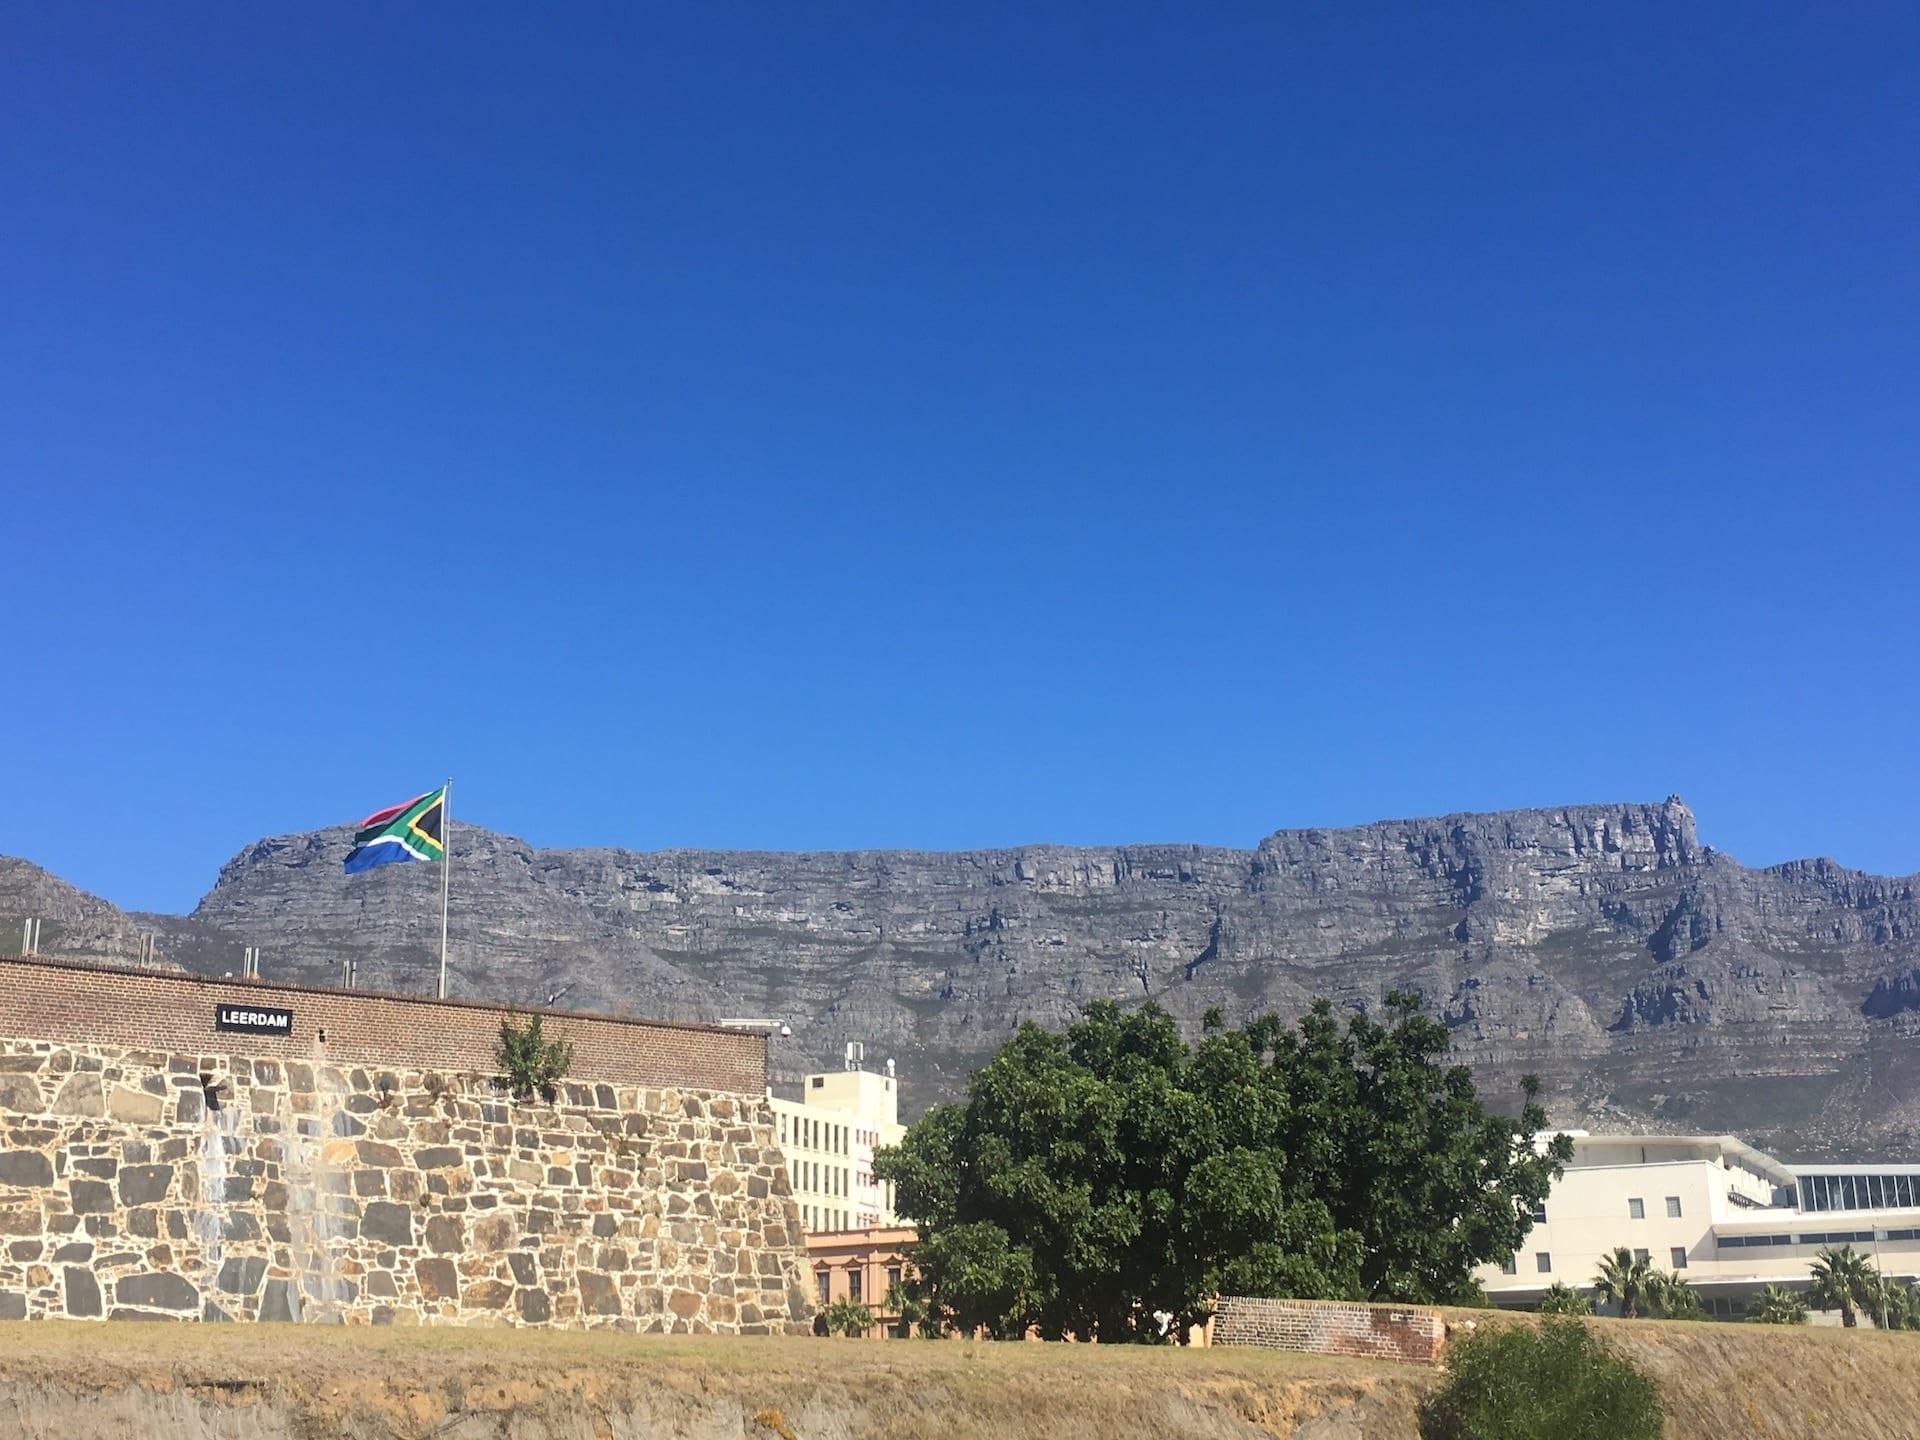 # ZA 14 - ZA - Kaapstad - 2018 - IMG_0580